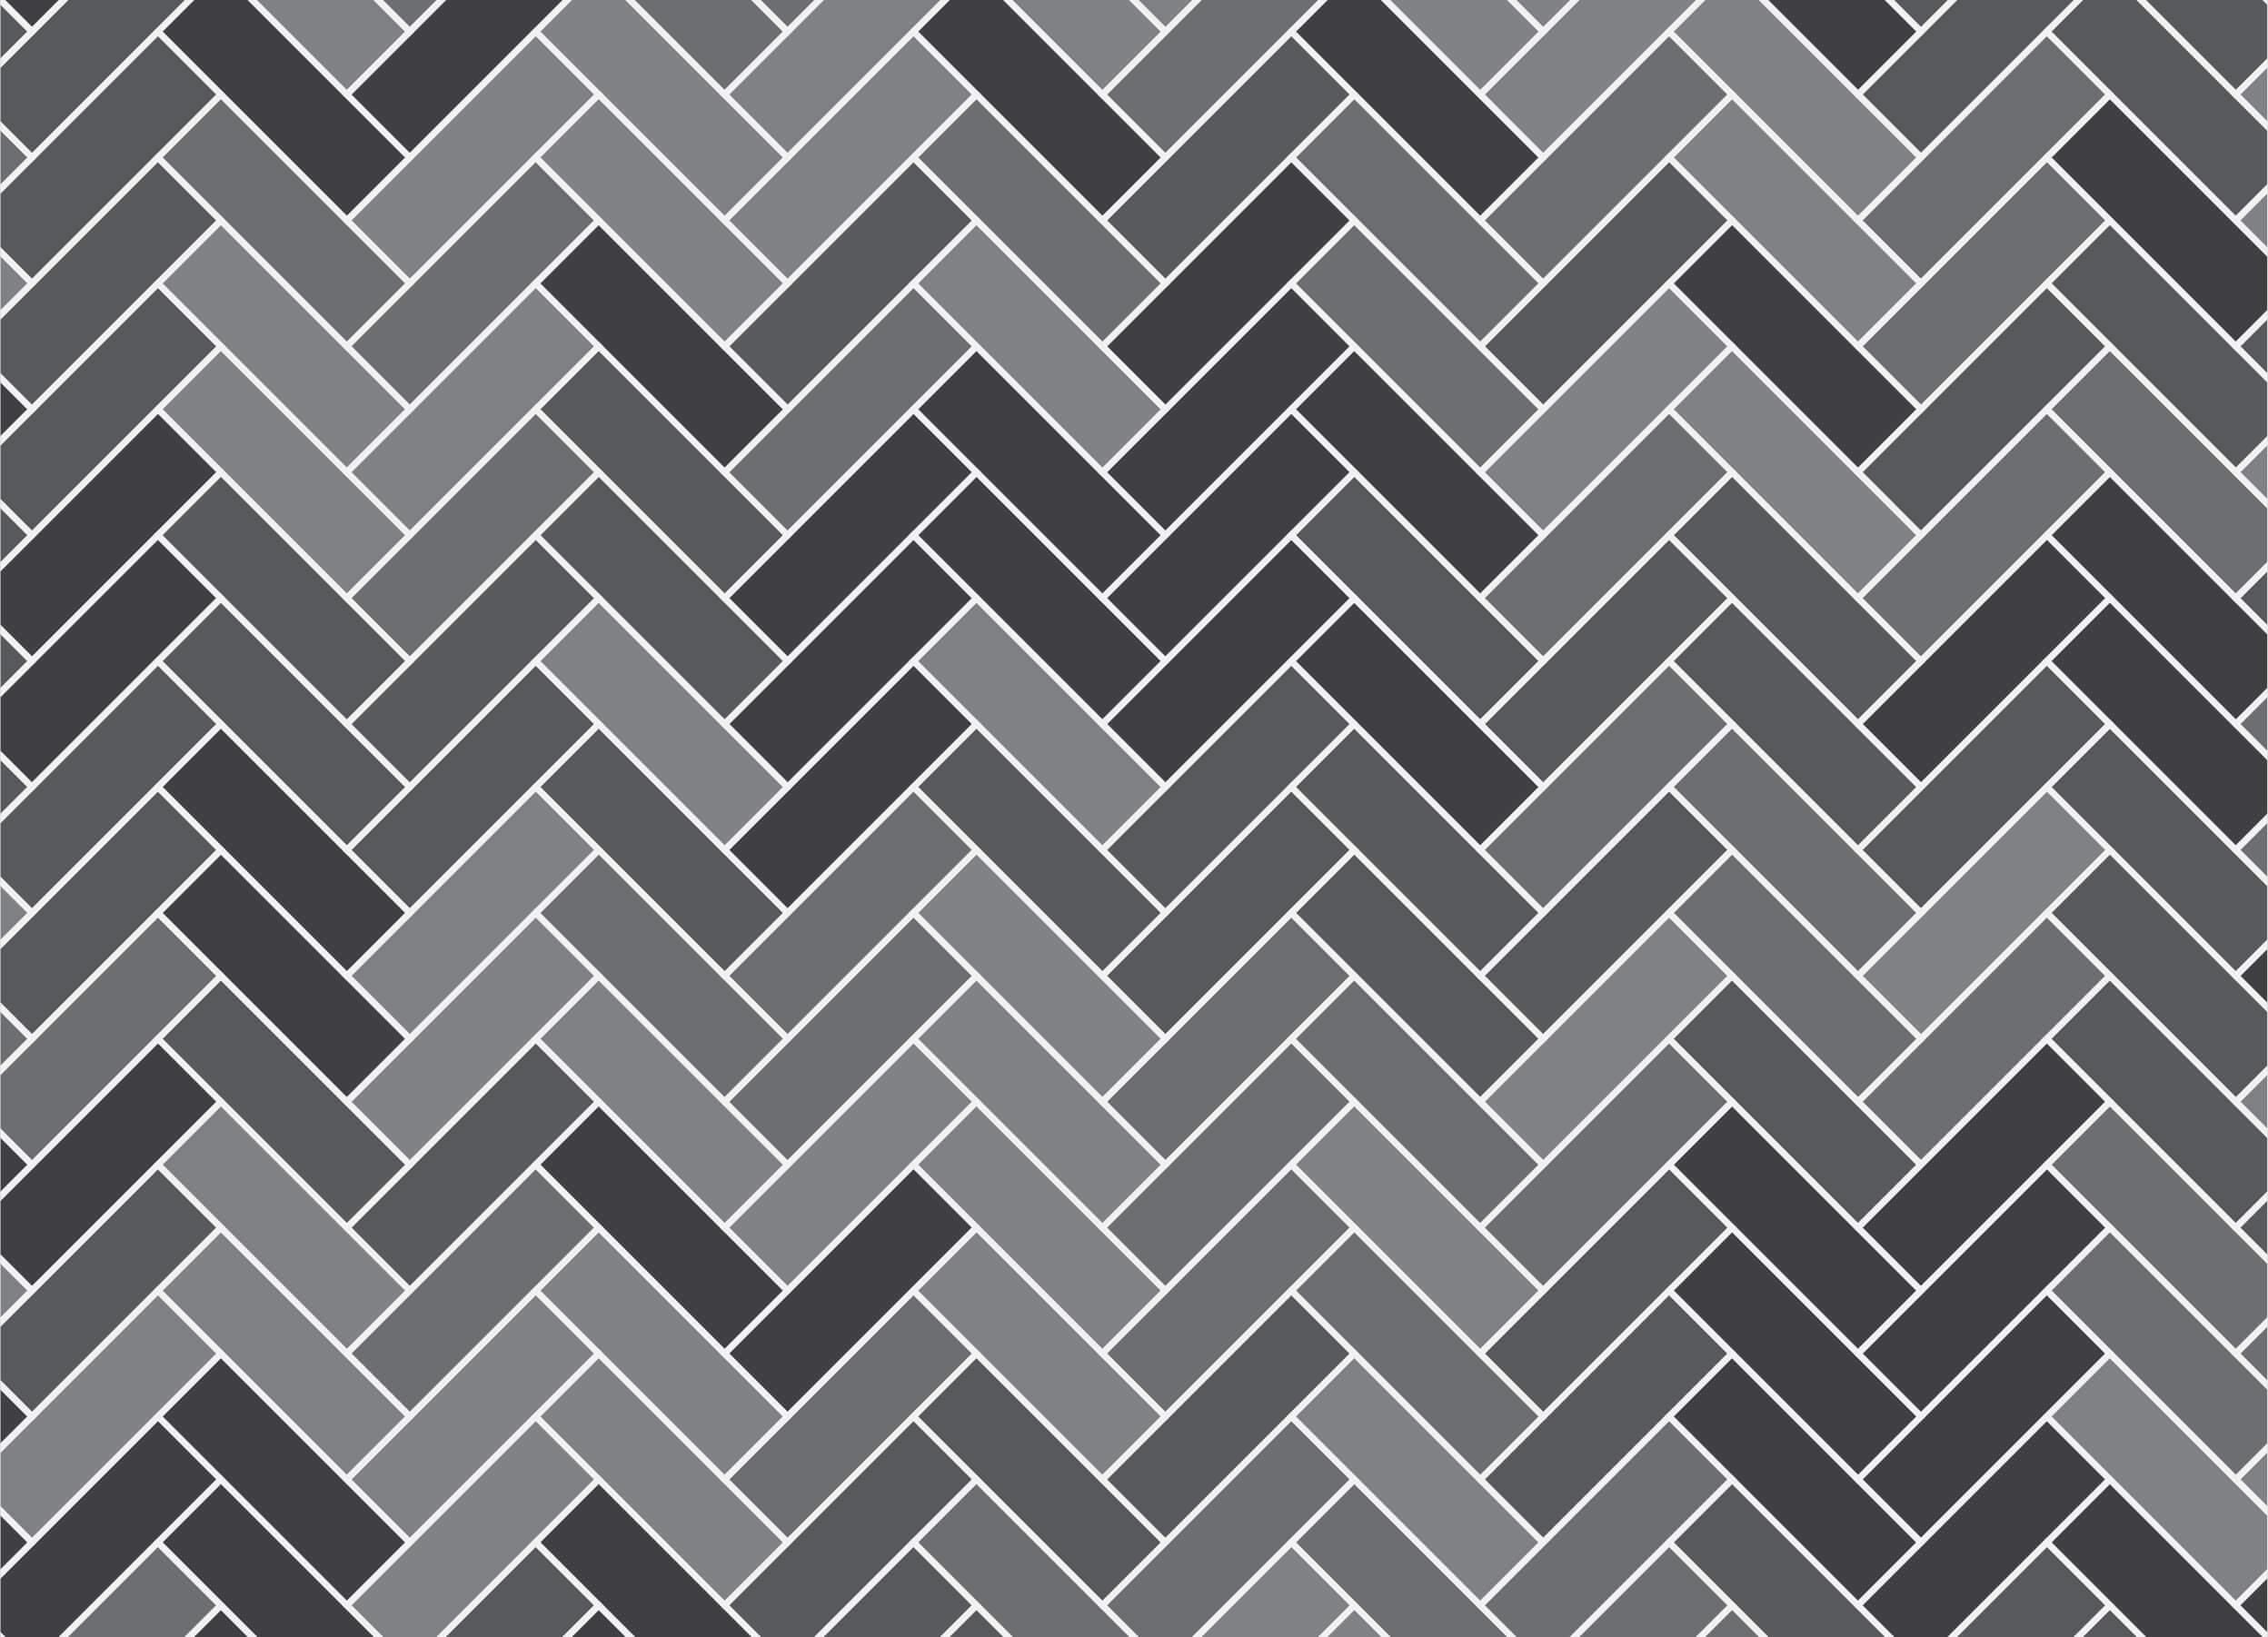 Gray herringbone pattern